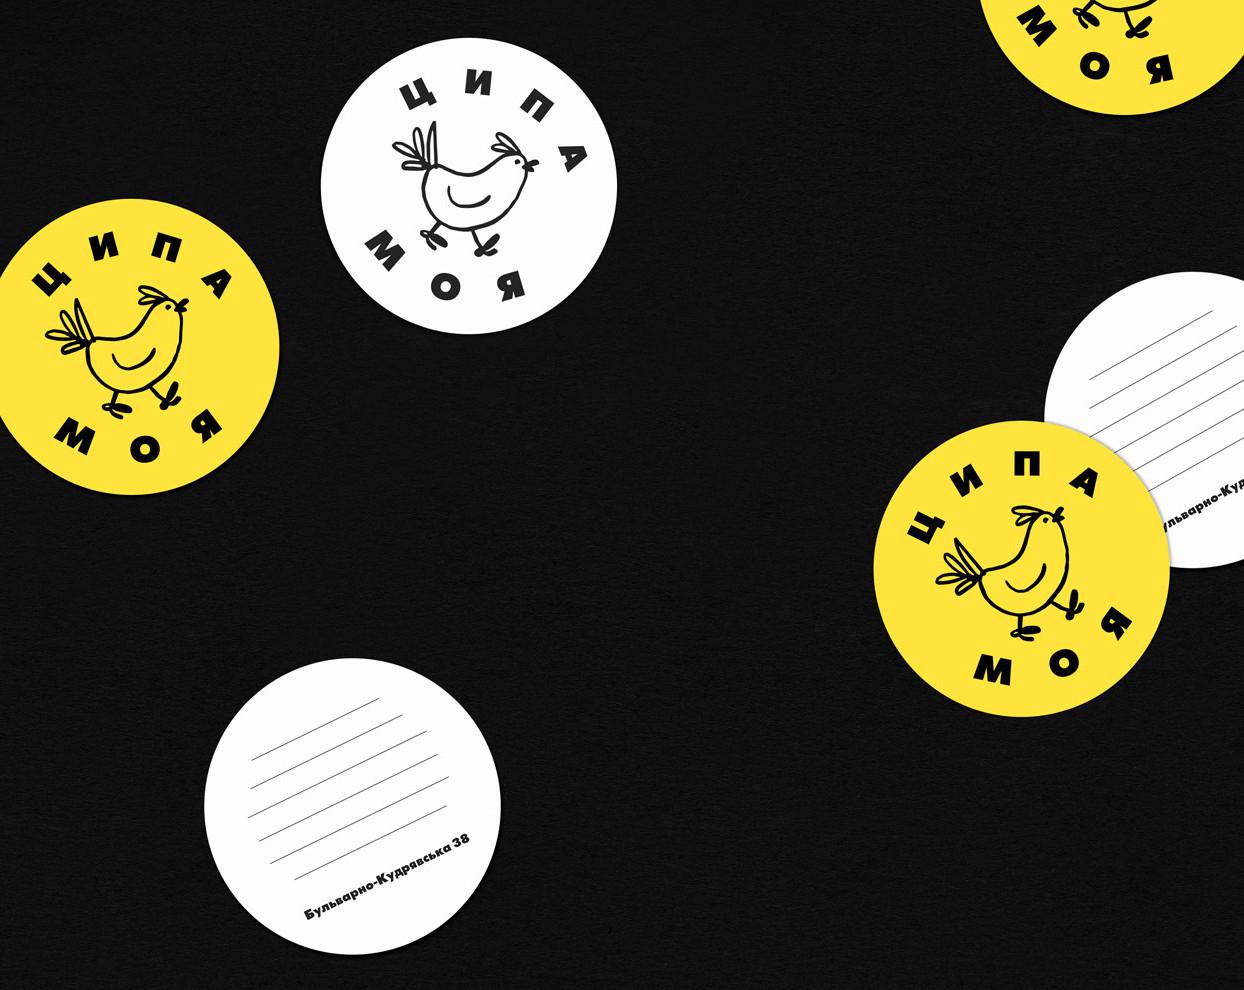 Миниатюра для «Айдентика для Ципа Моя — ресторана быстрой и здоровой еды в Киеве»